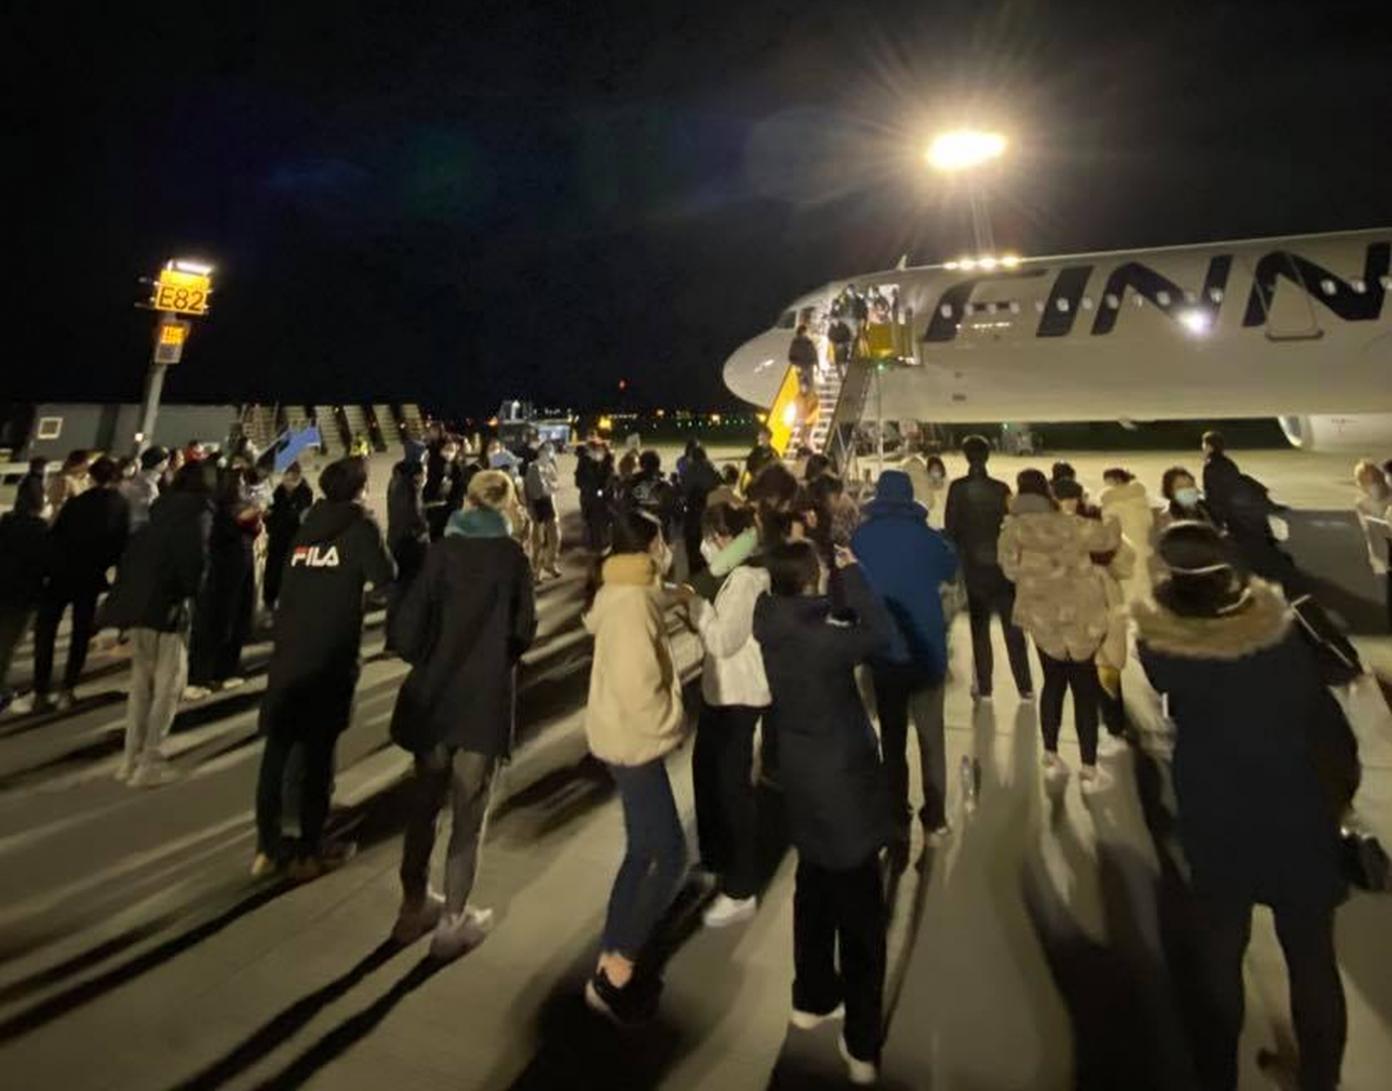 Mange passagerer var samlet ved siden af Finnair-flyet, efter de havde forladt det i CPH i forbindelse med sikkerhedslandingen. Foto: LoyaltyLobby